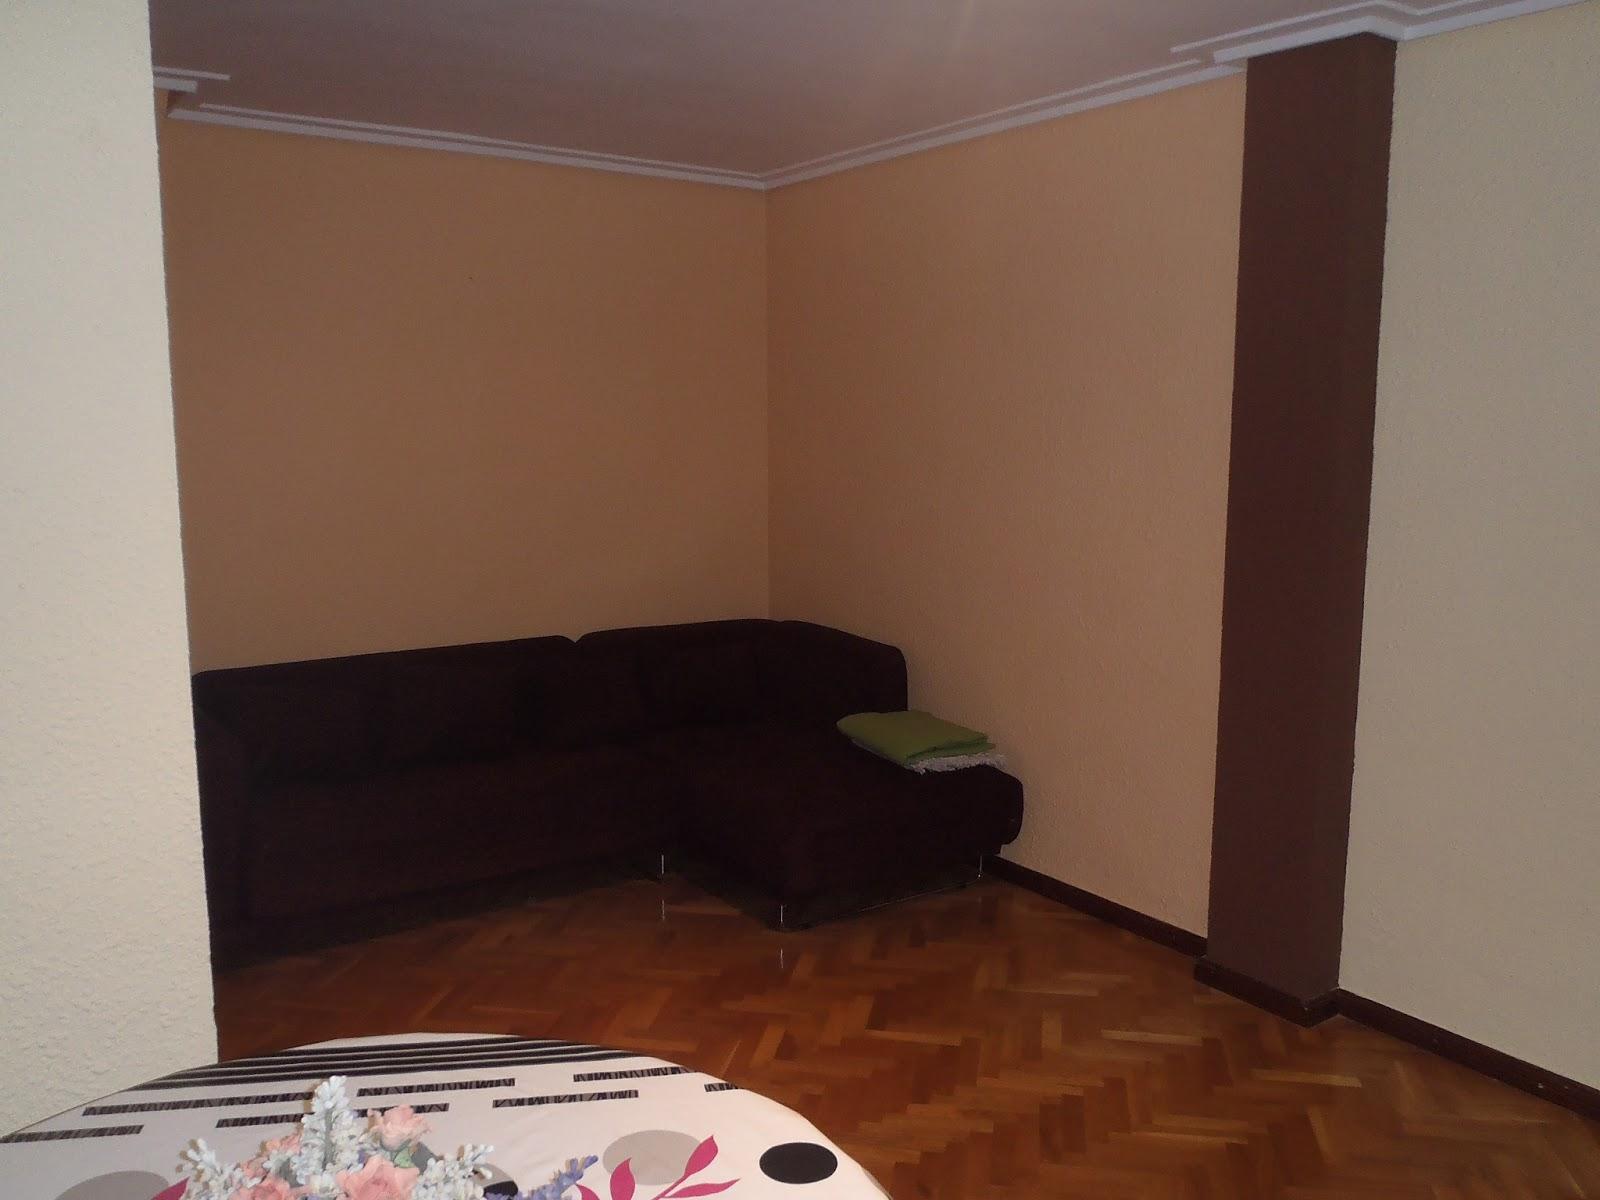 Pinturas ngel zaragoza combinaci n con estilo de colores for Combinacion de colores en paredes